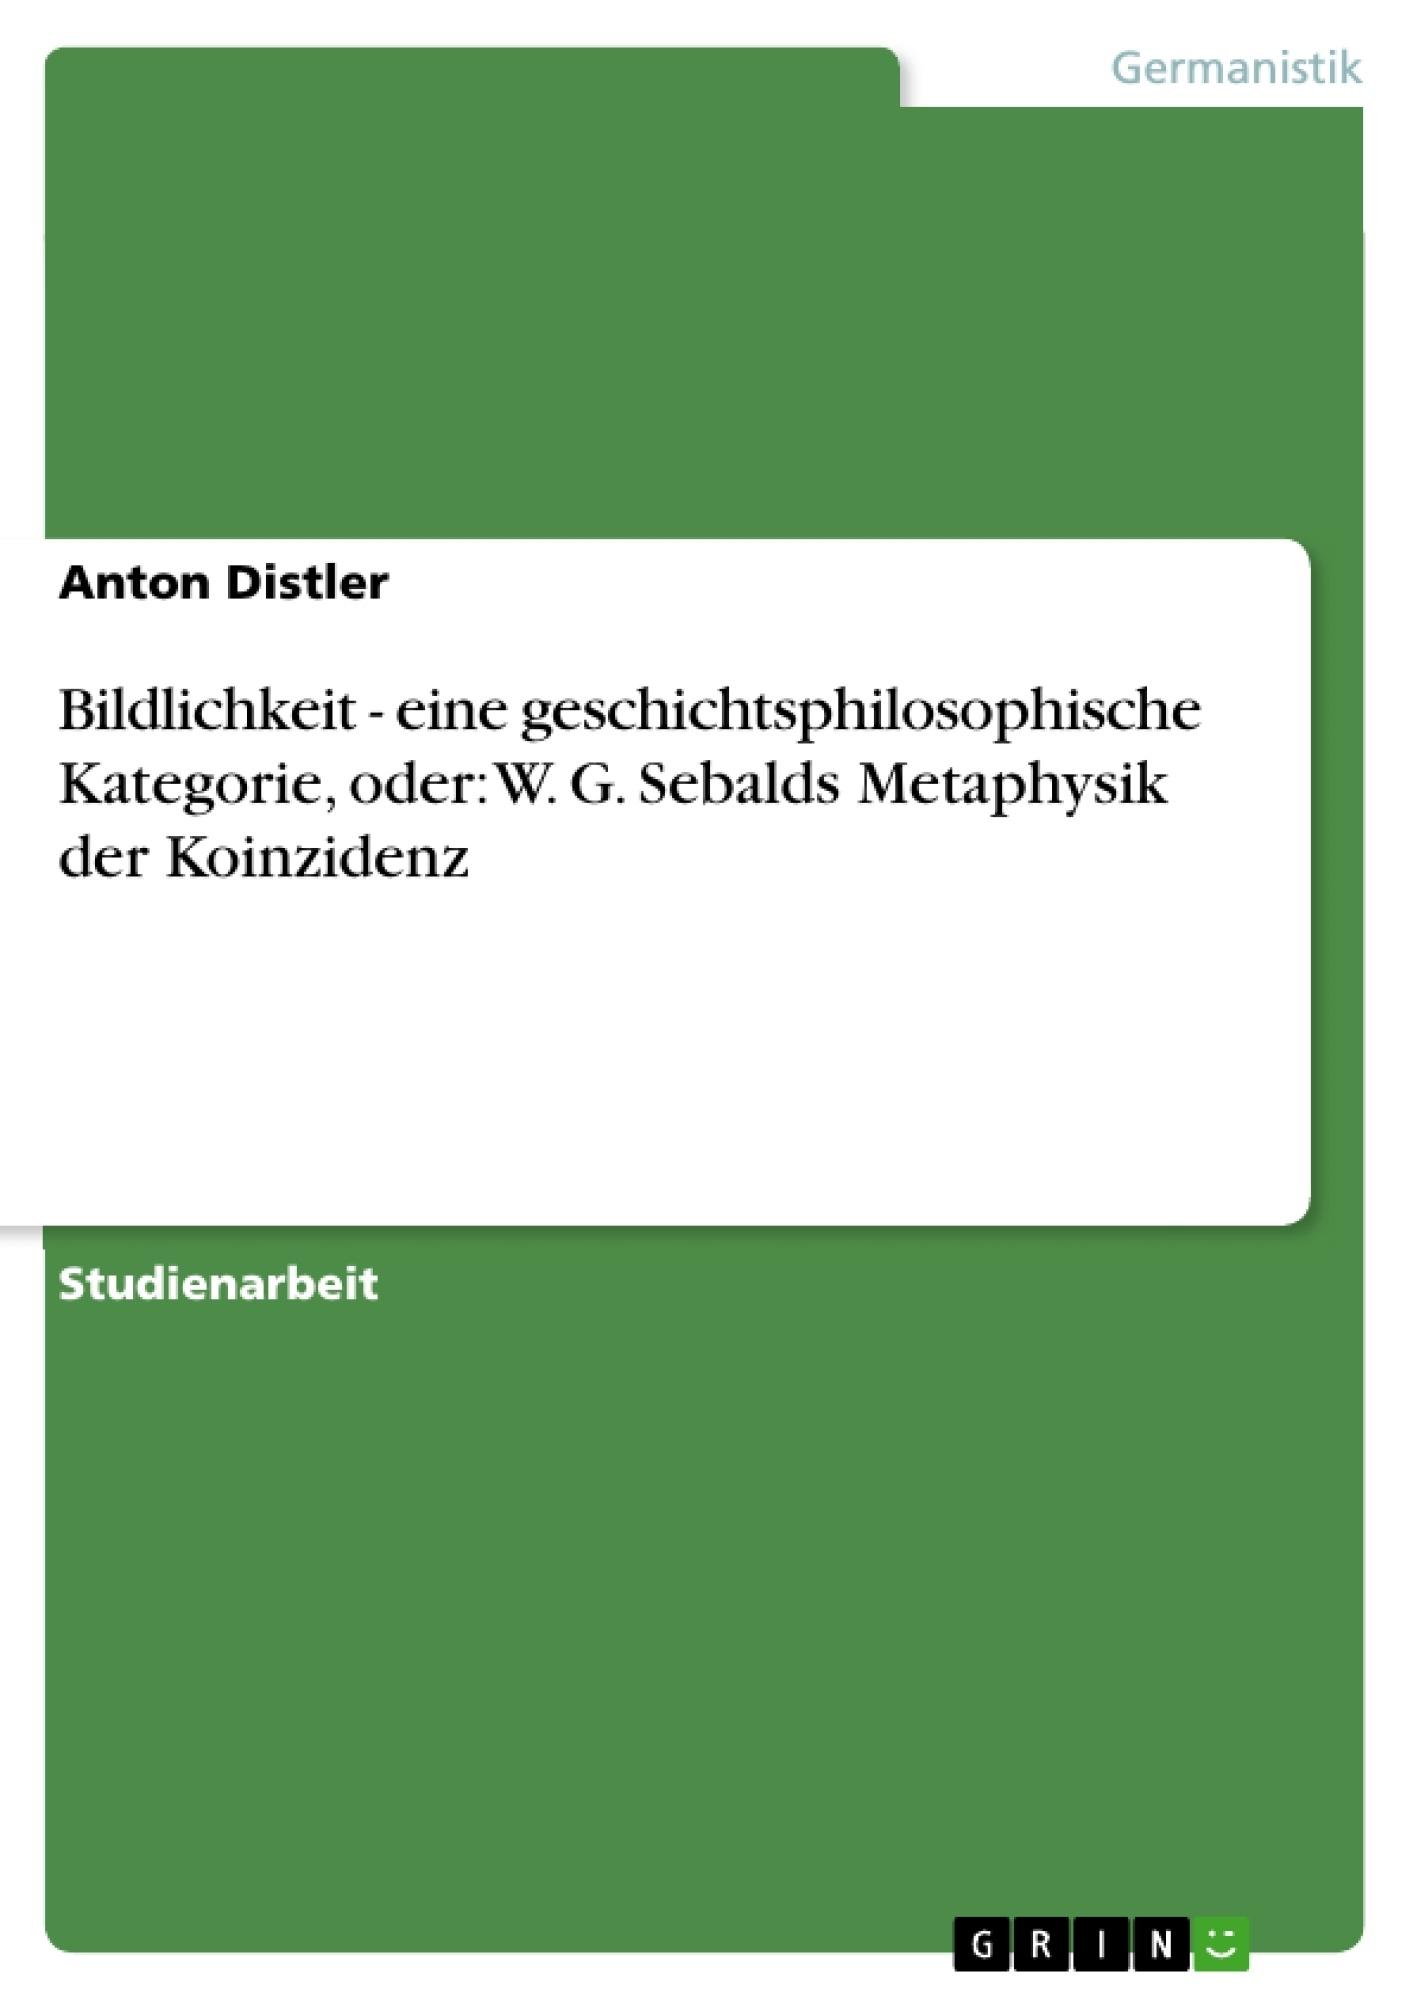 Titel: Bildlichkeit - eine geschichtsphilosophische Kategorie, oder: W. G. Sebalds Metaphysik der Koinzidenz